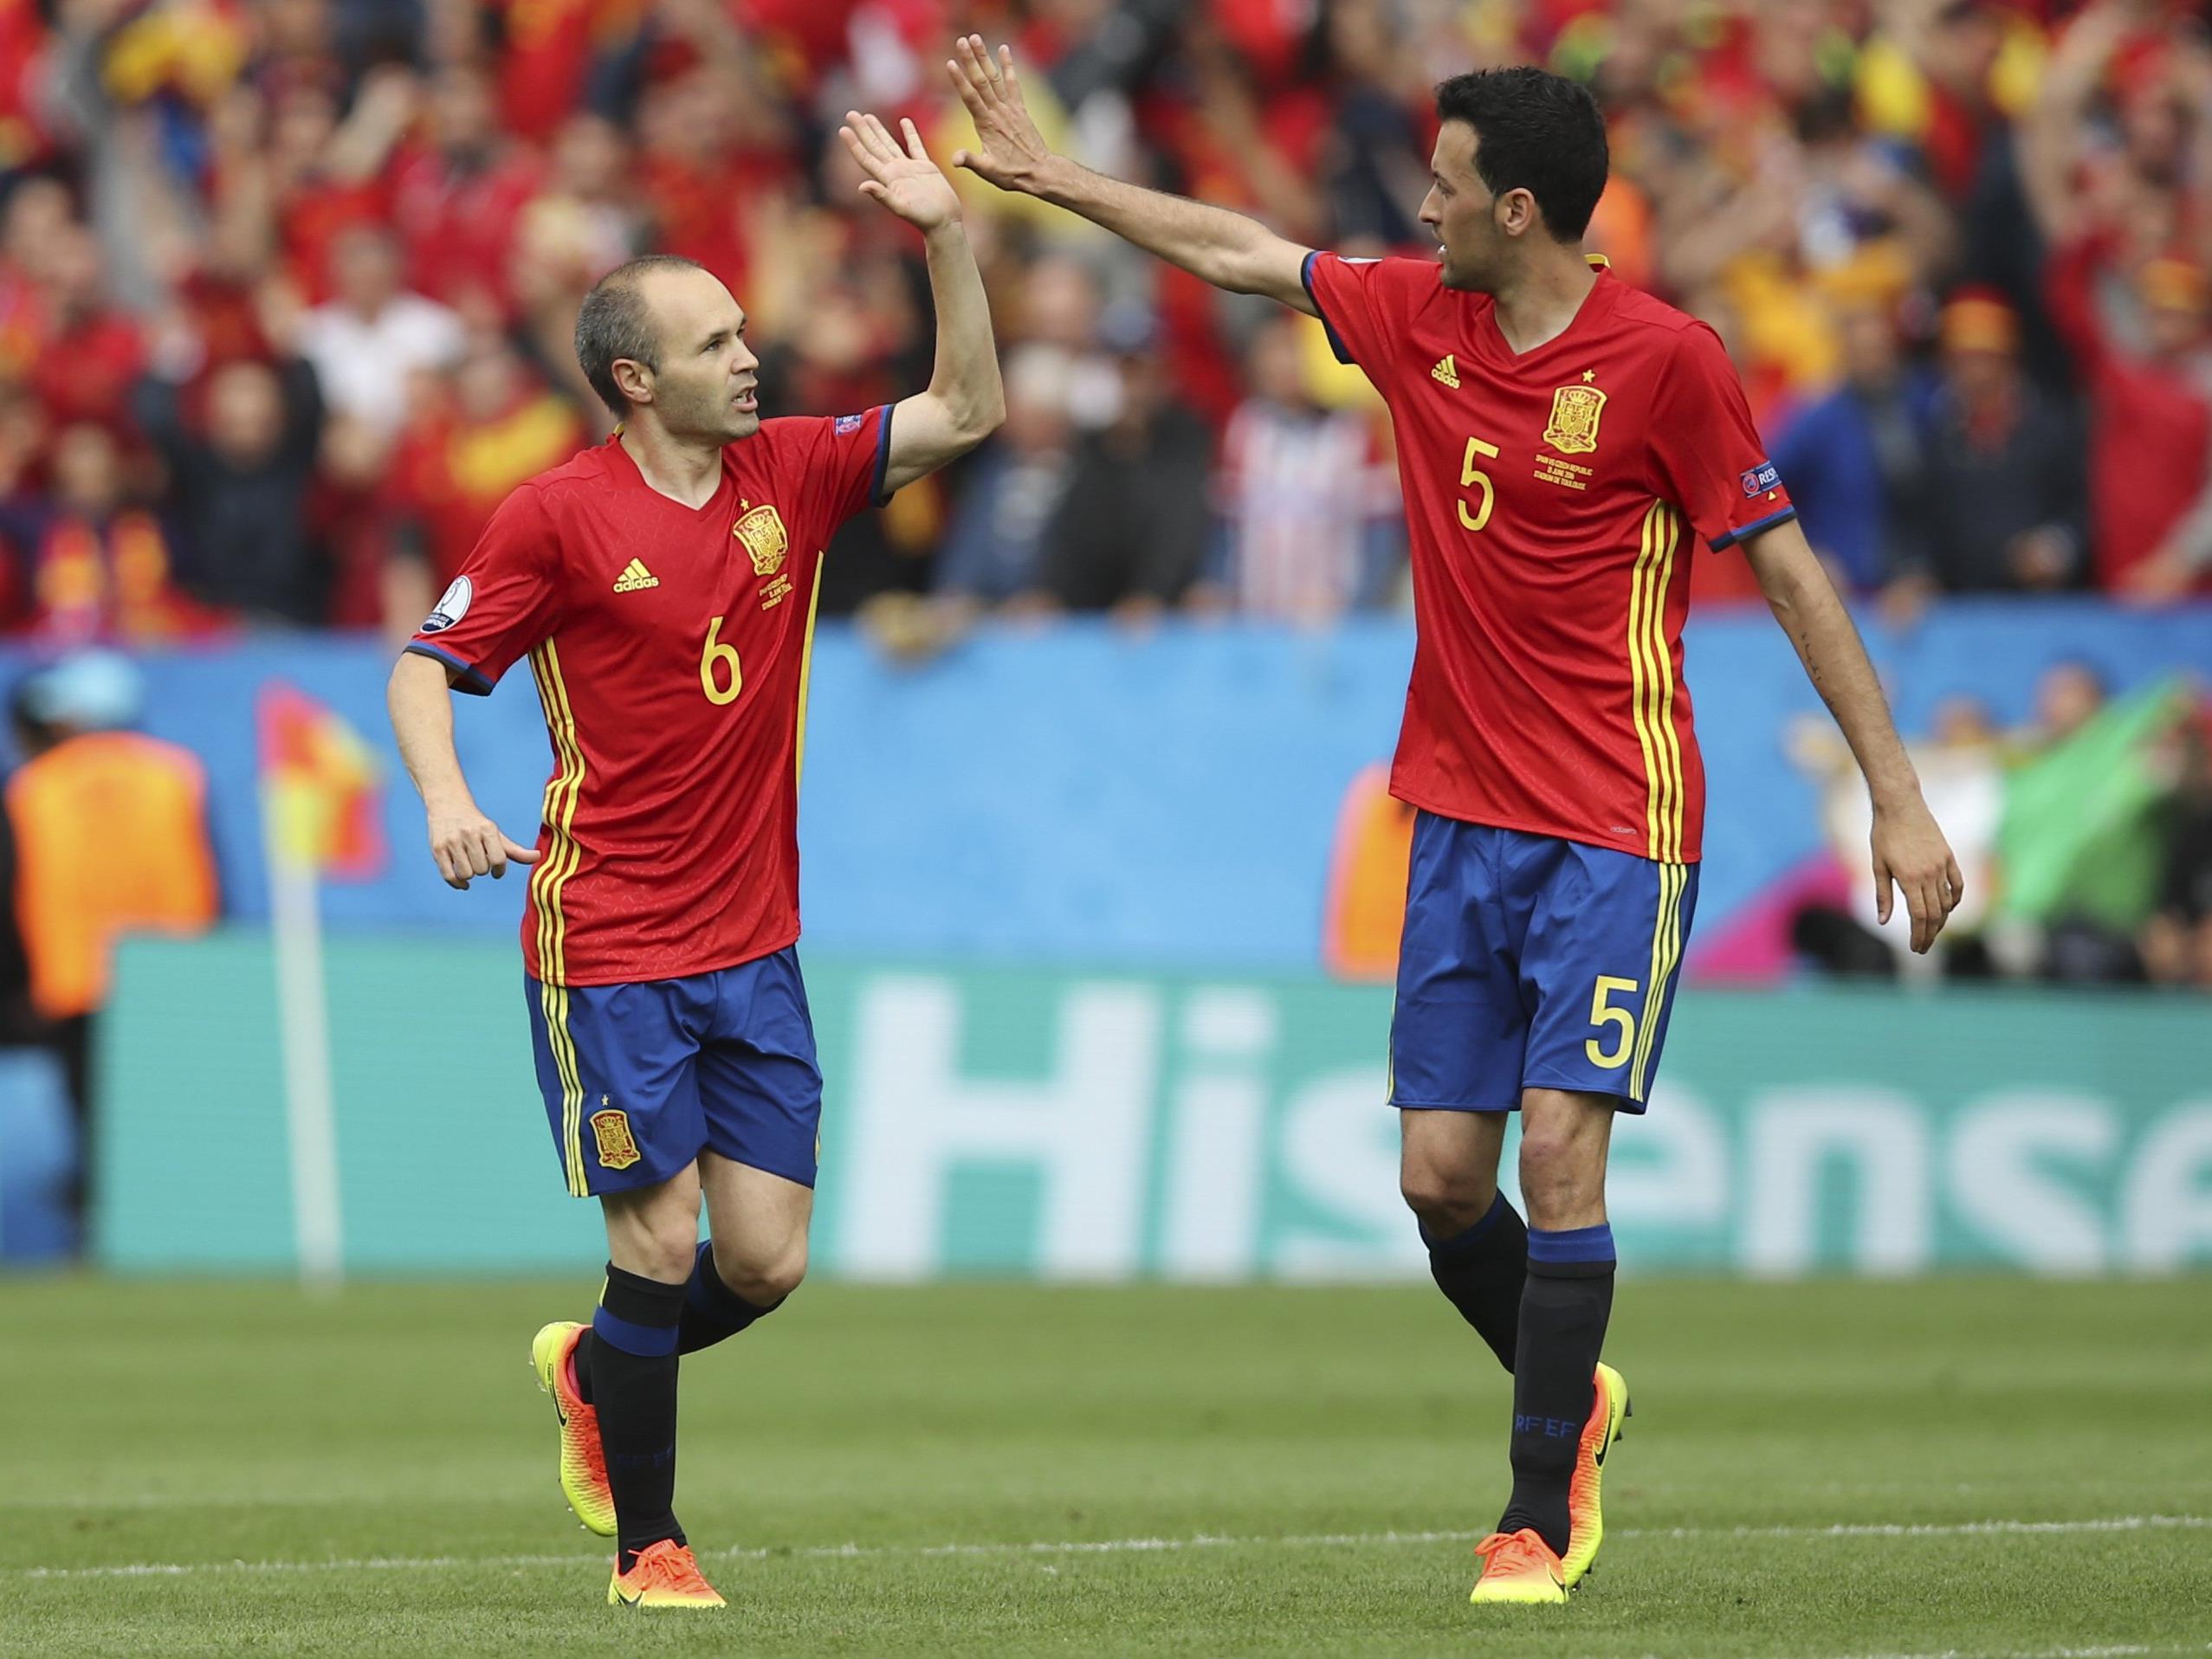 Spanien trifft in Runde zwei der EM-Gruppe D auf die Türkei.